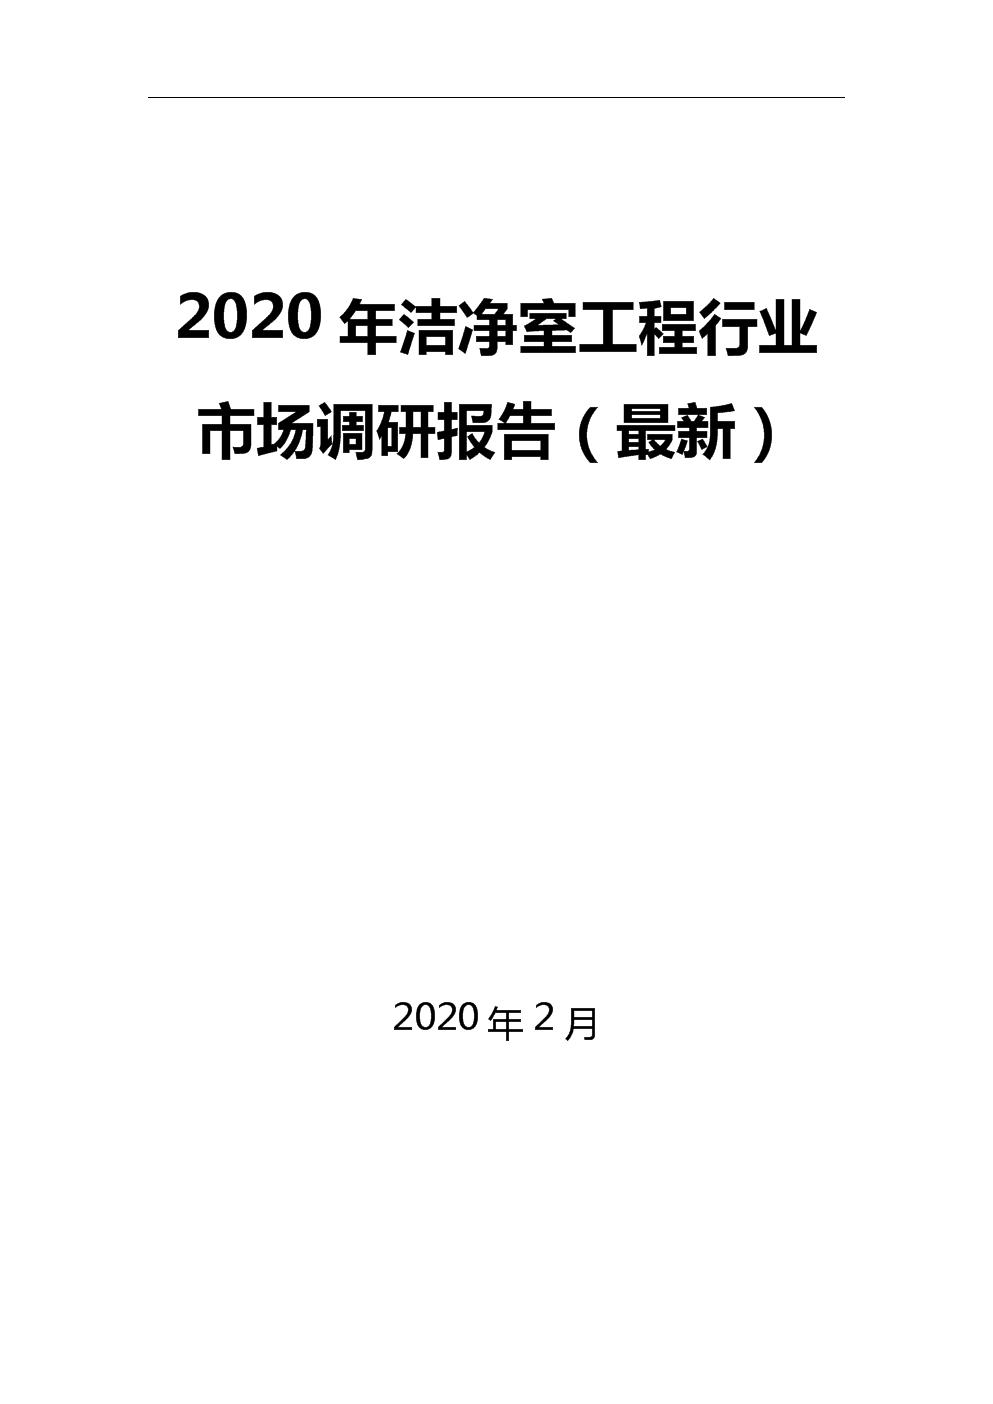 2020年洁净室工程行业市场调研报告(最新).docx